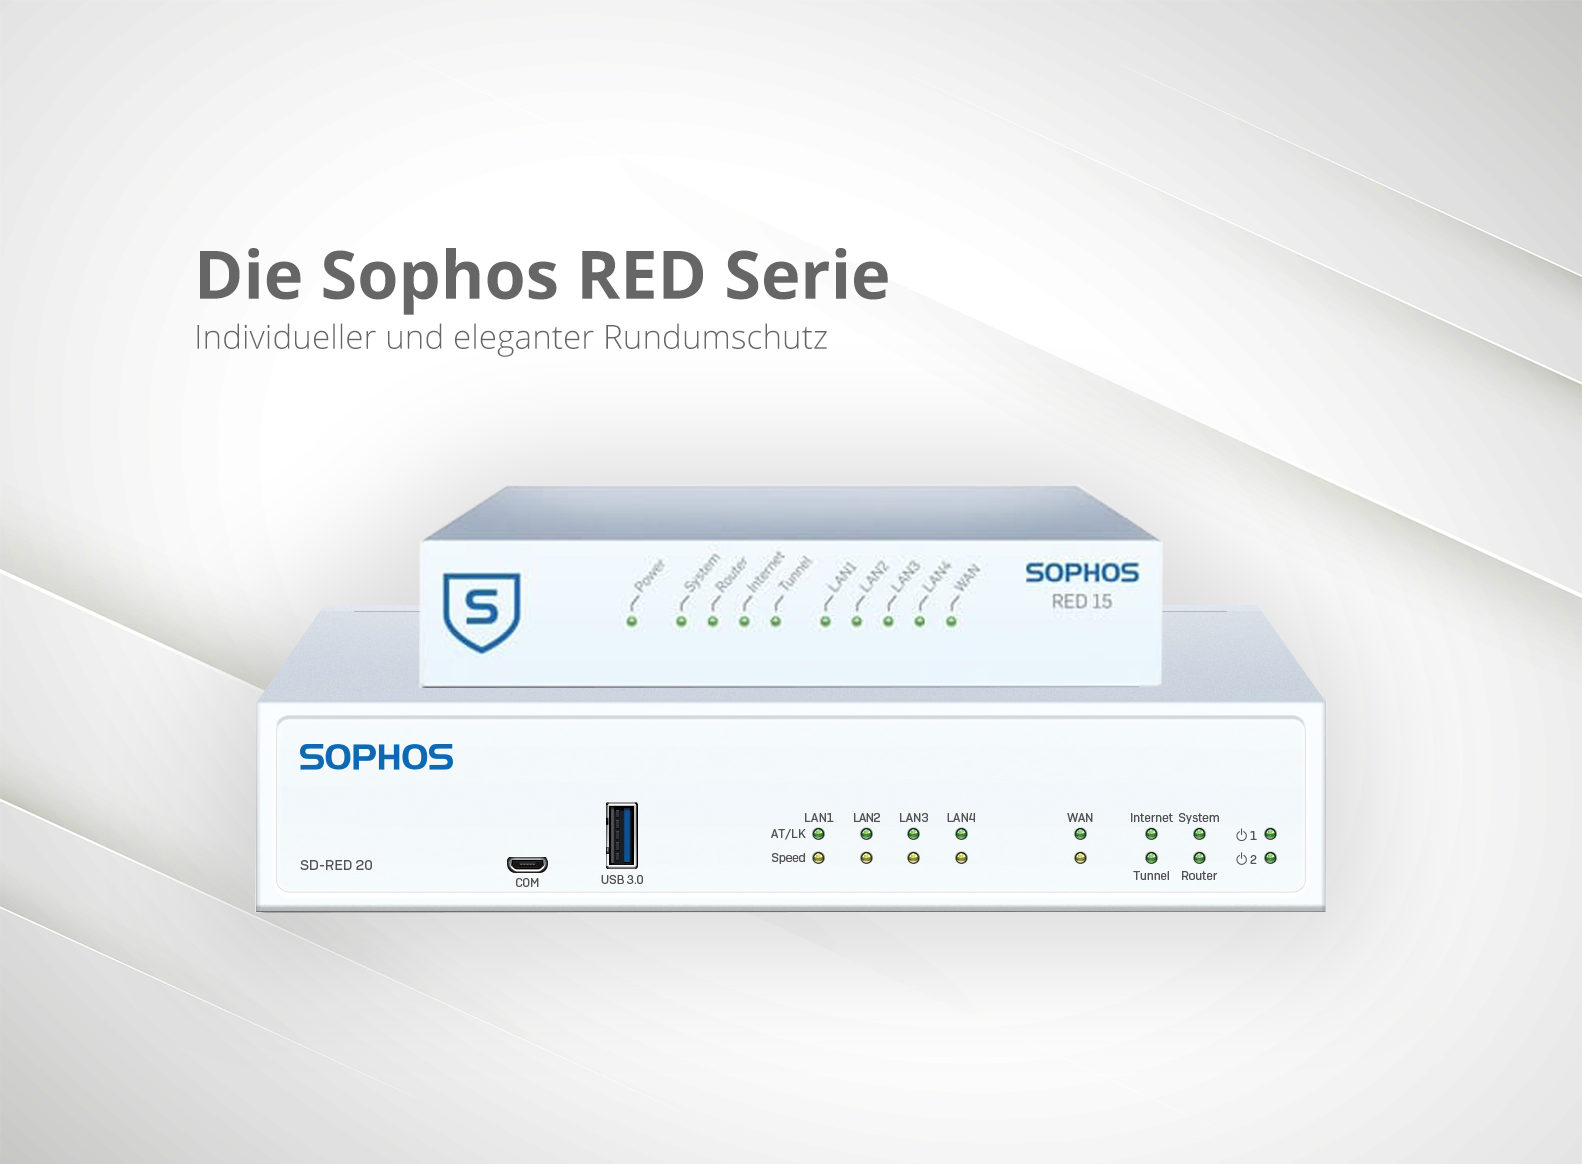 Sophos RED Serie. Rundumschutz für sicheres Arbeiten